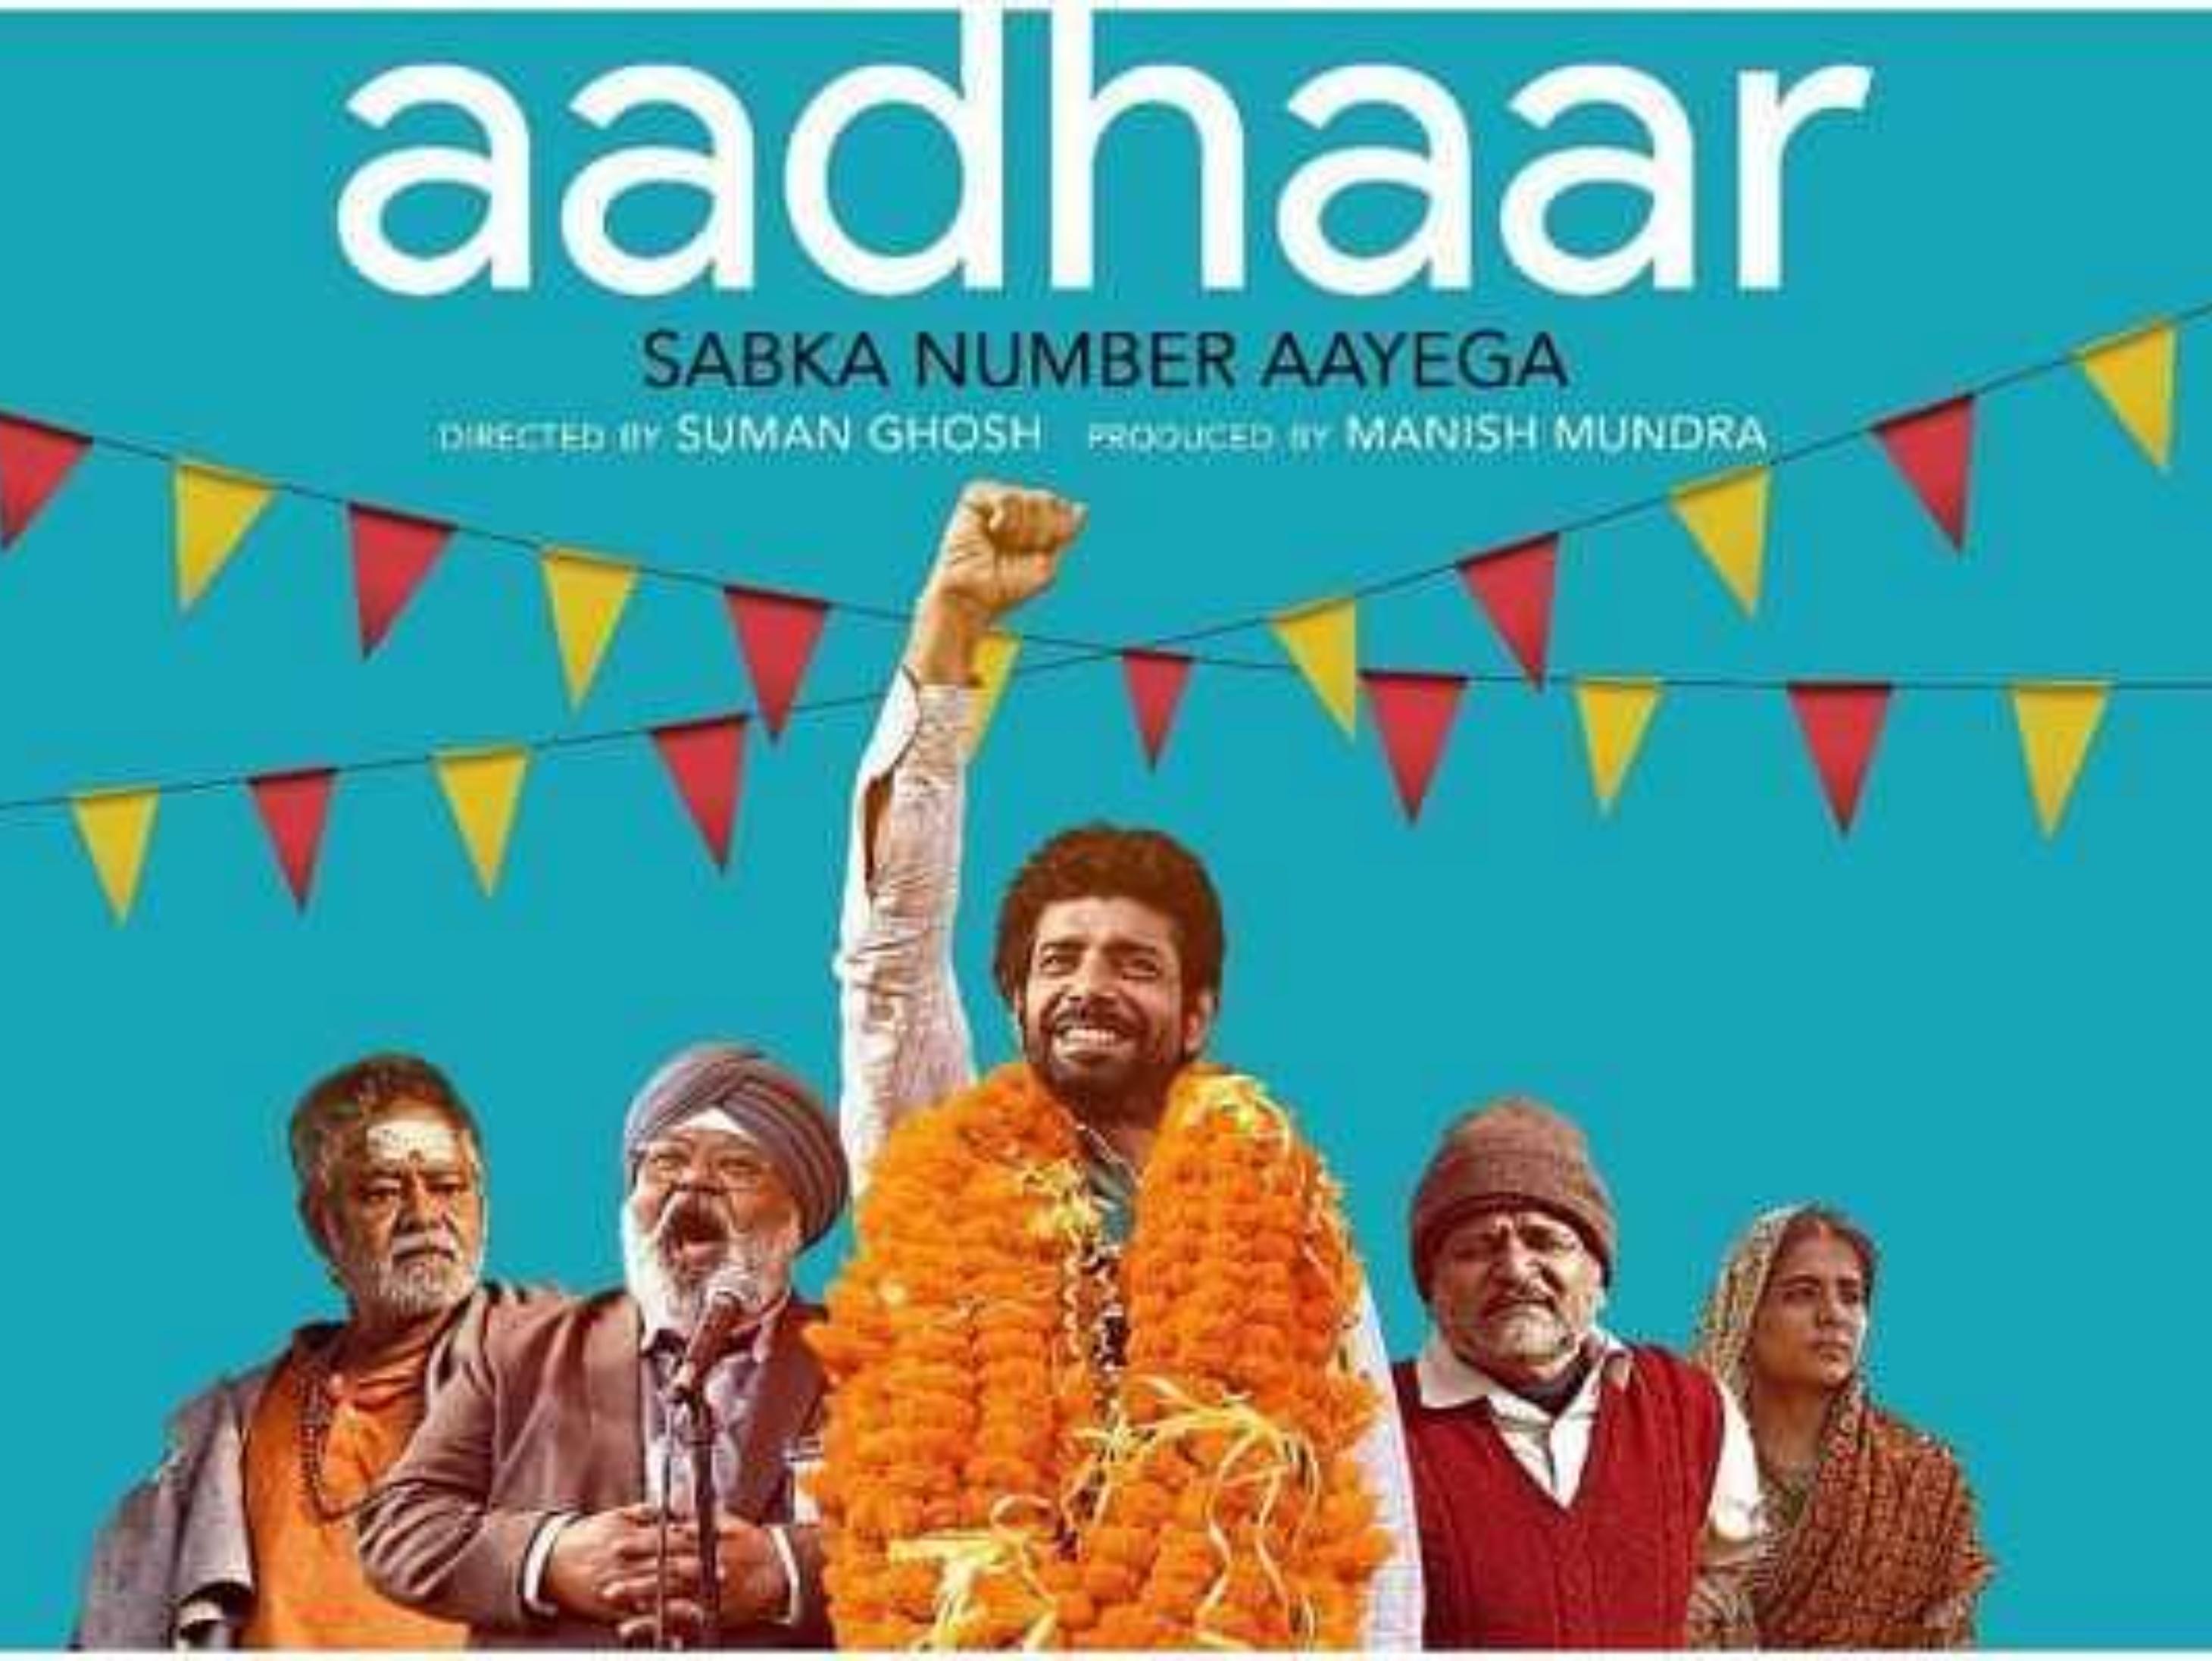 UIDAI demanded 28 cuts in Vineet Singh and Saurabh Shukla starrer film Aadhaar Even After CBFC Passes the Film | UIDAI ने की विनीत सिंह और सौरभ शुक्ला स्टारर फिल्म में 28 कट की डिमांड, 5 फरवरी को होनी थी रिलीज